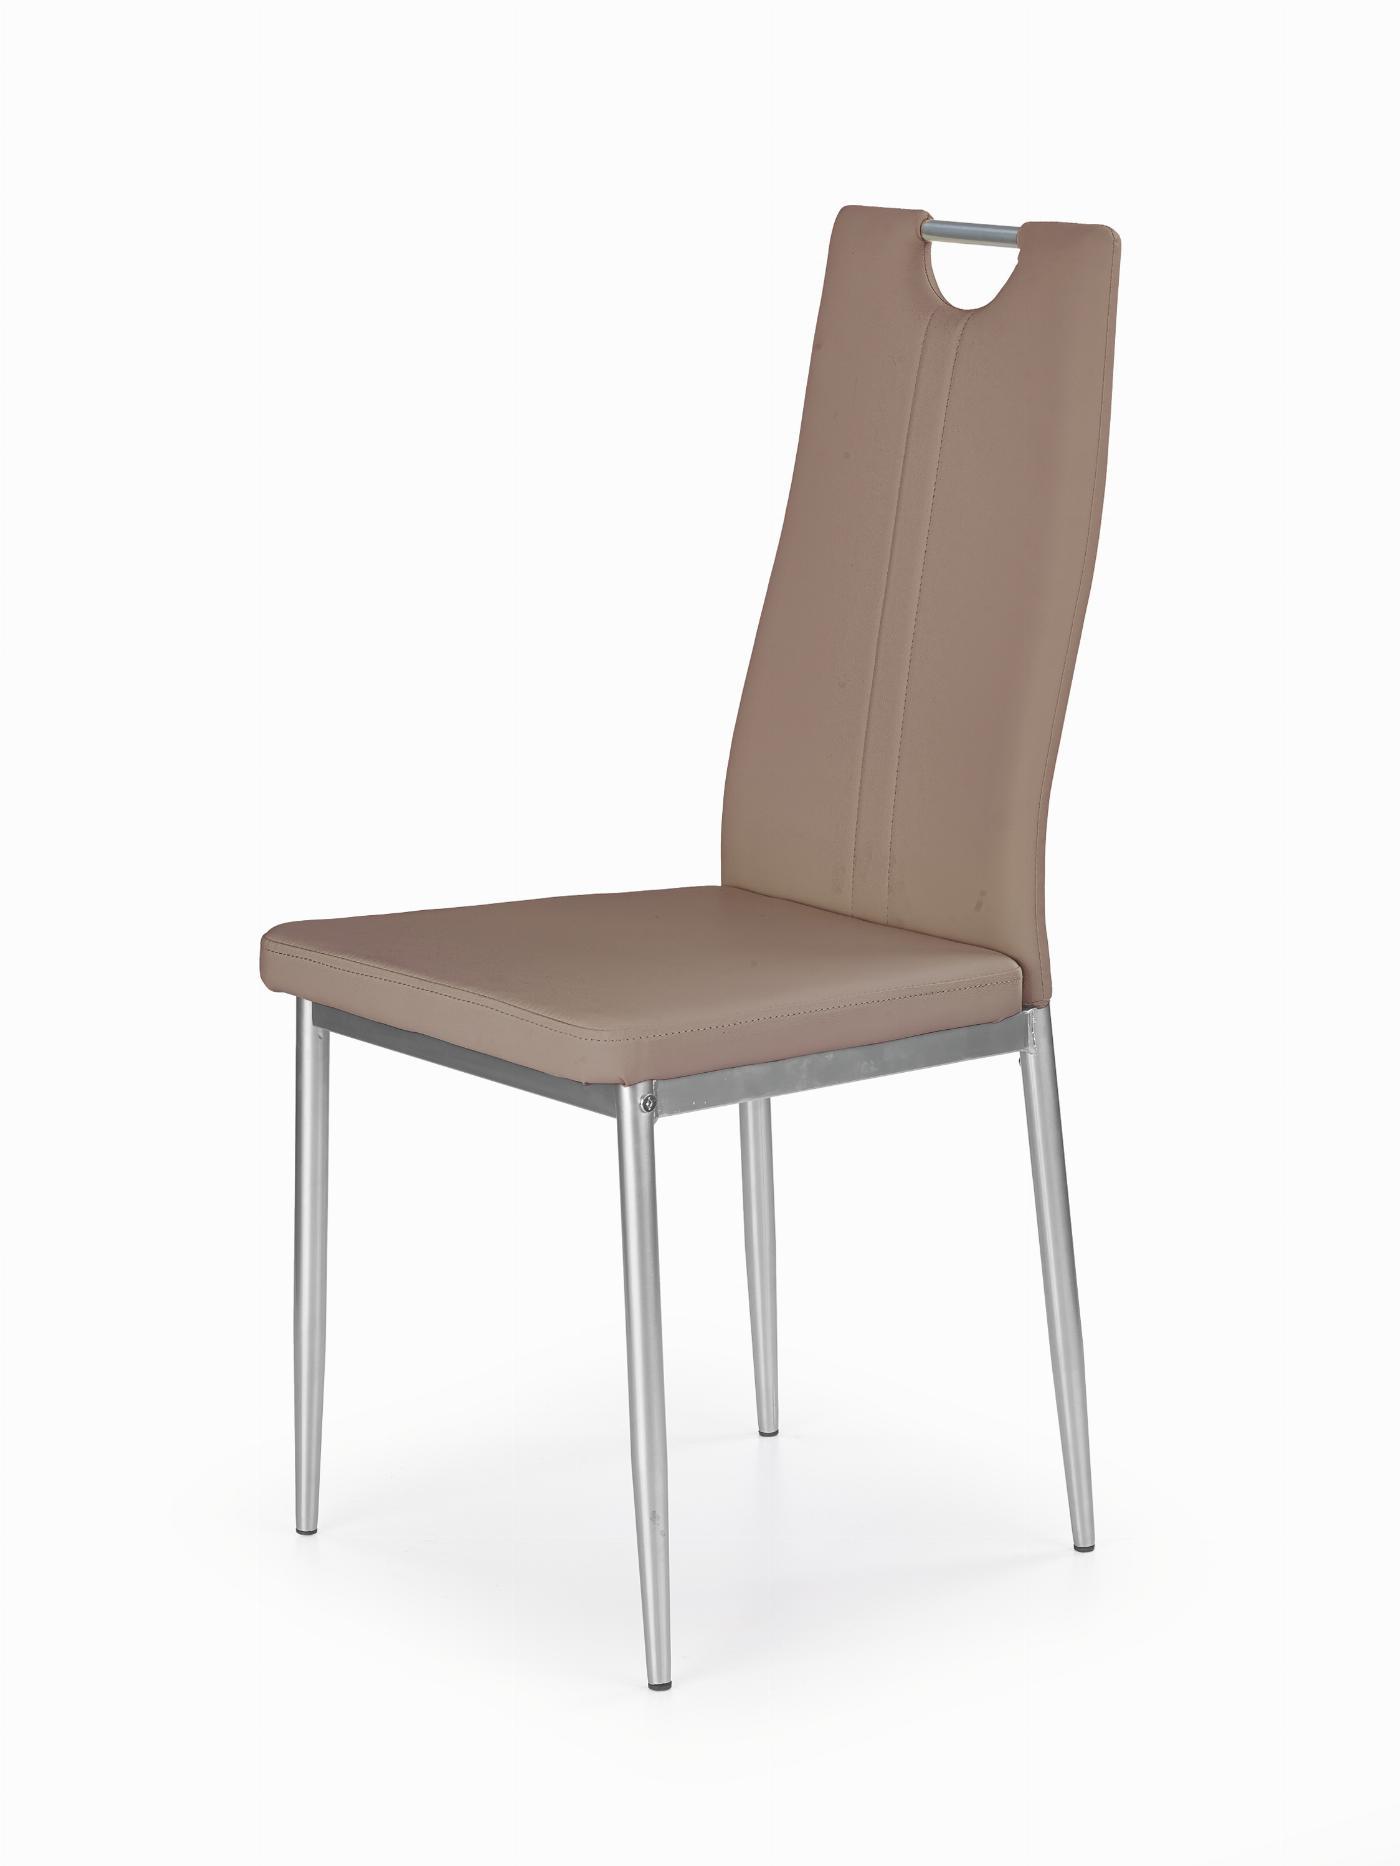 K202 krzesło cappucino (1p=4szt)